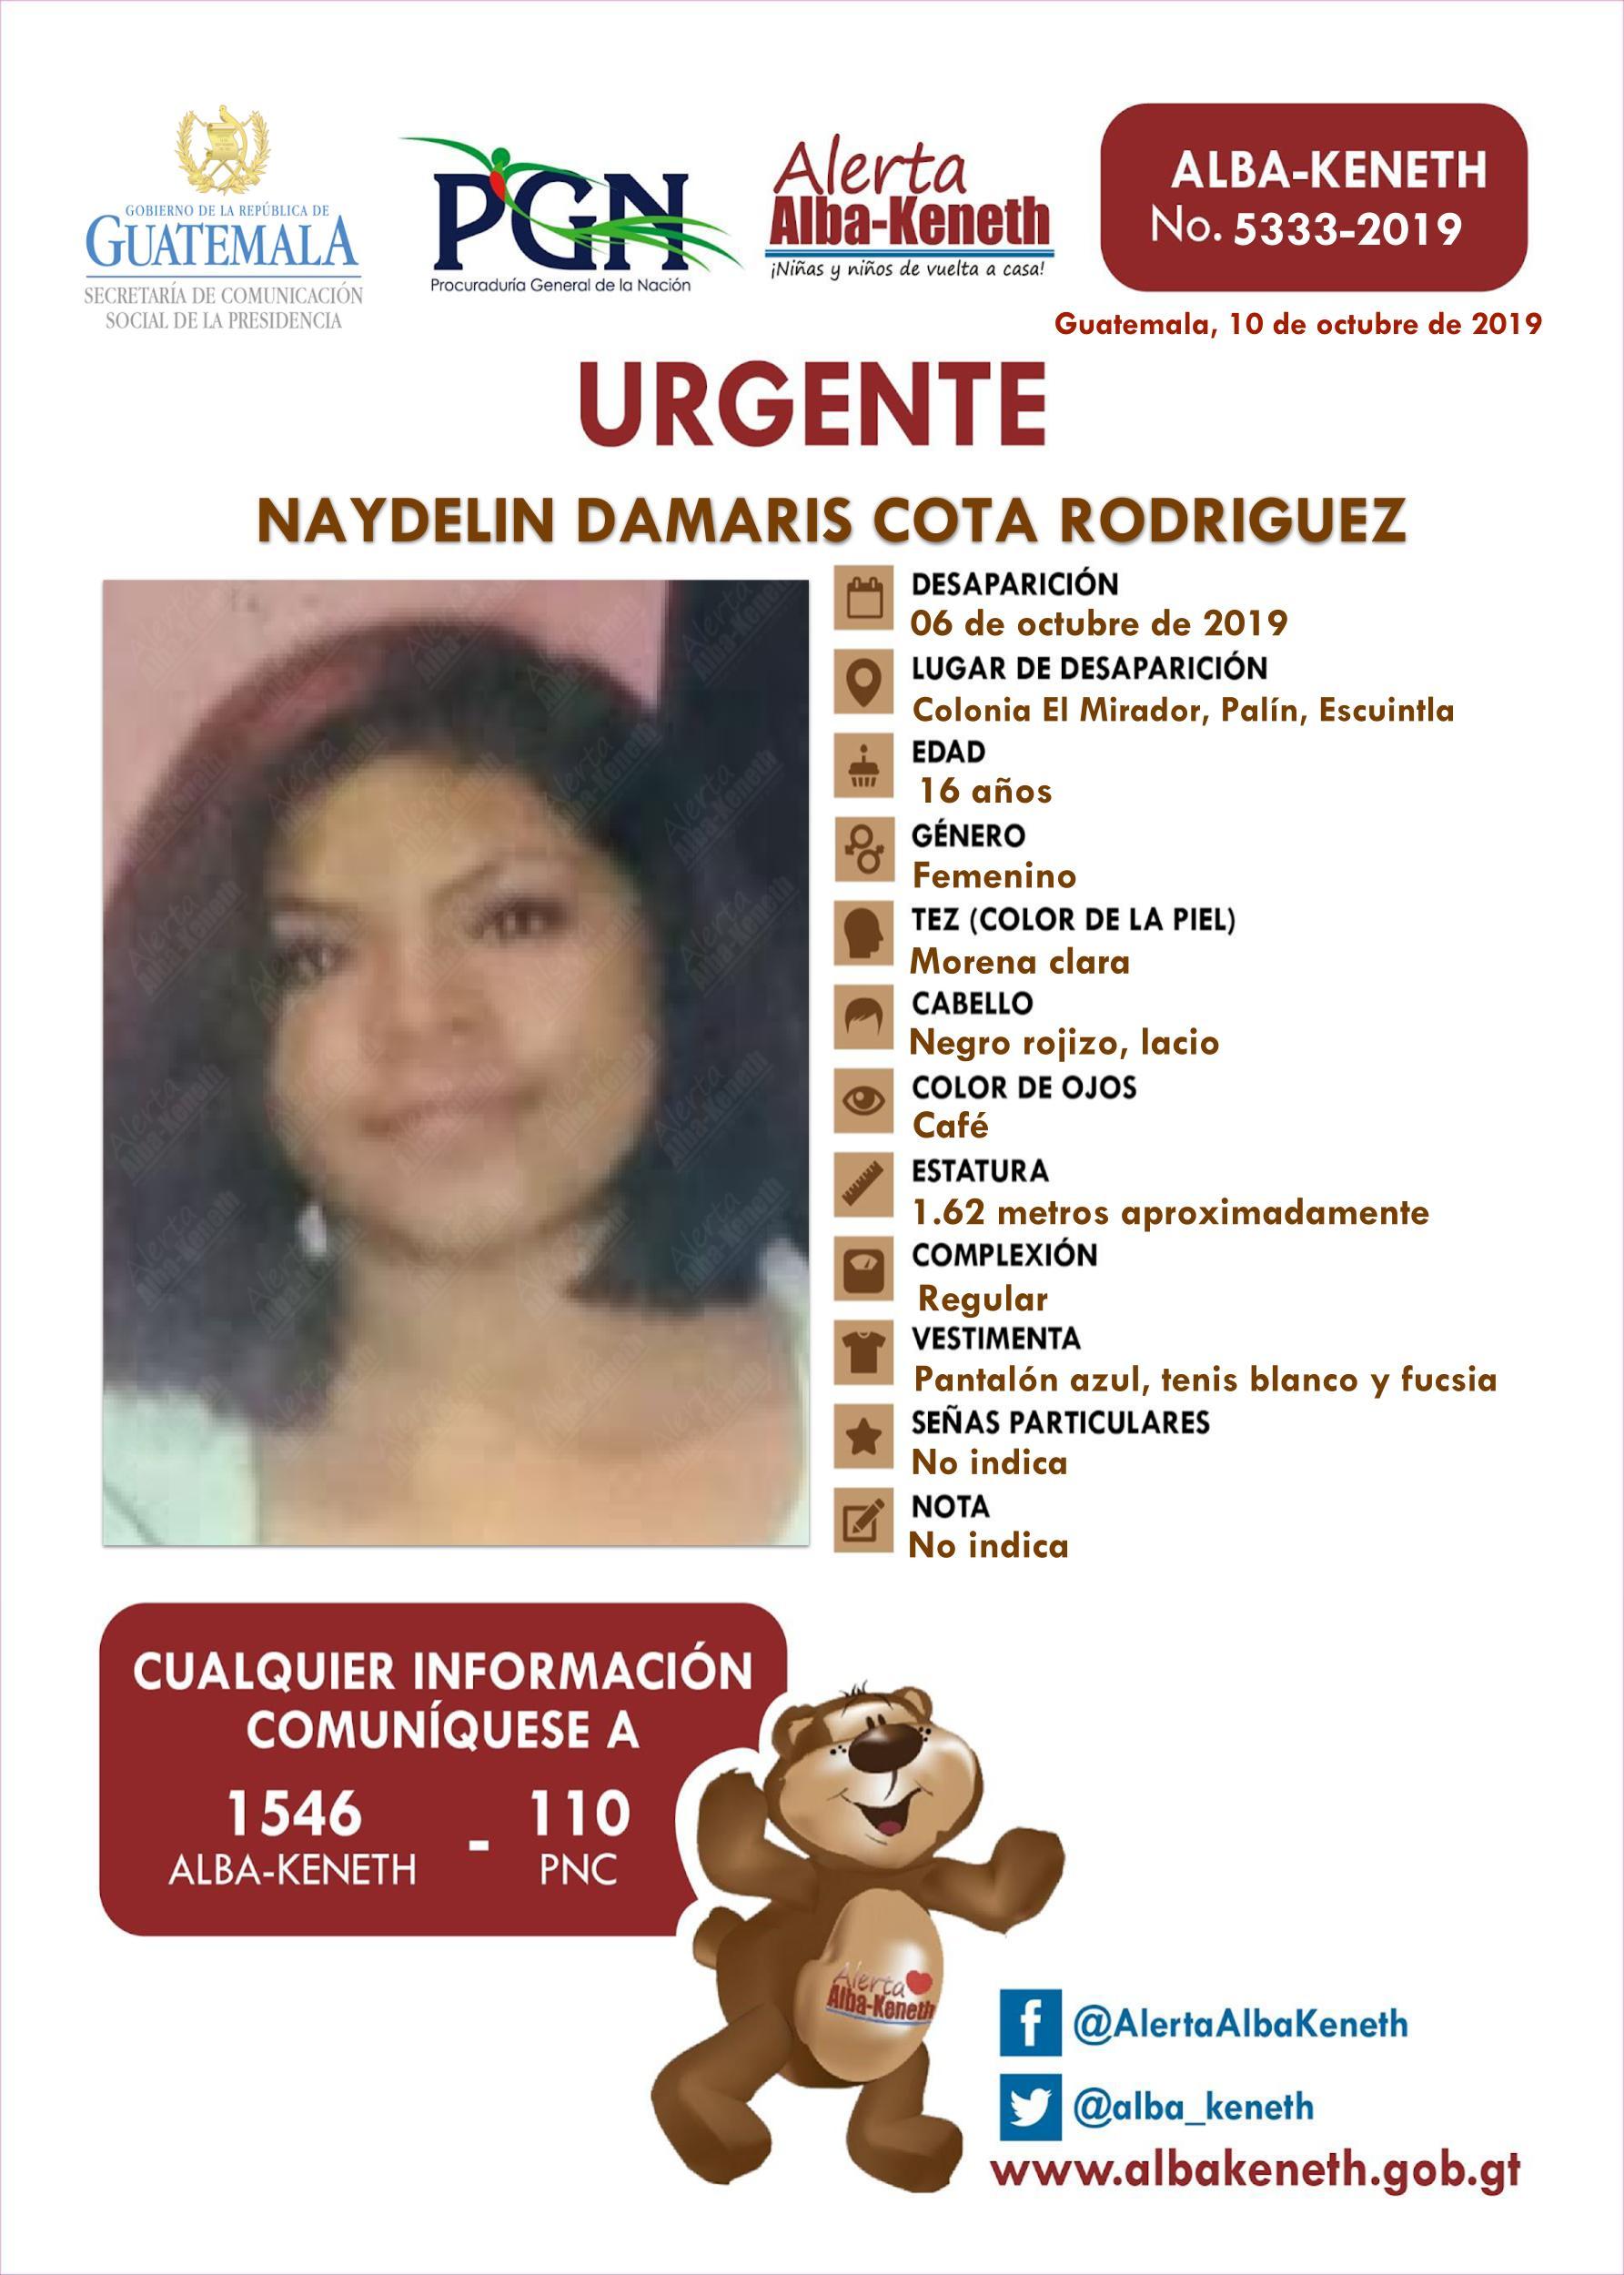 Naydelin Damaris Cota Rodriguez